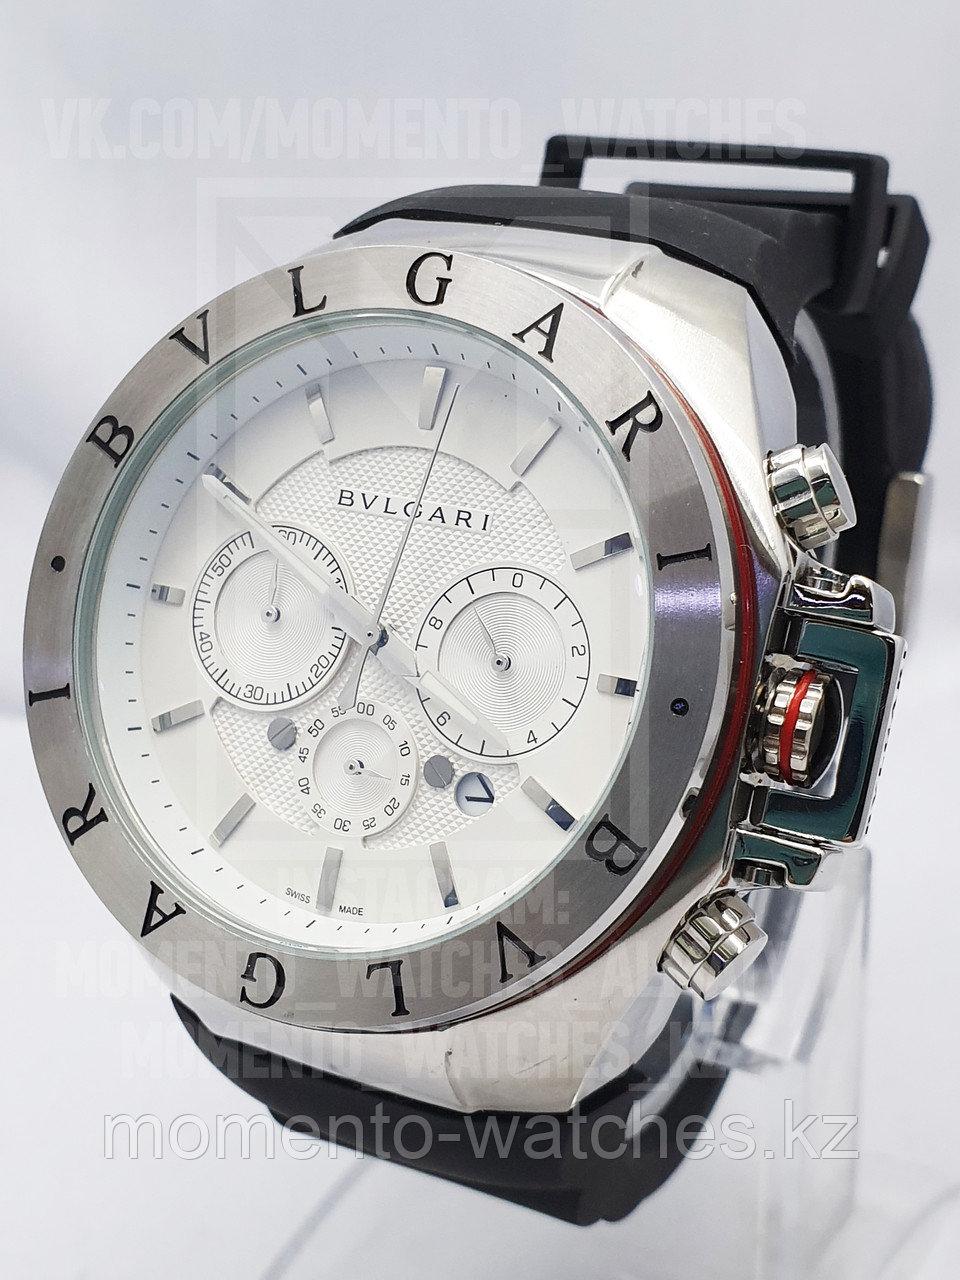 Мужские часы BVLGARI CHRONOGRAPH